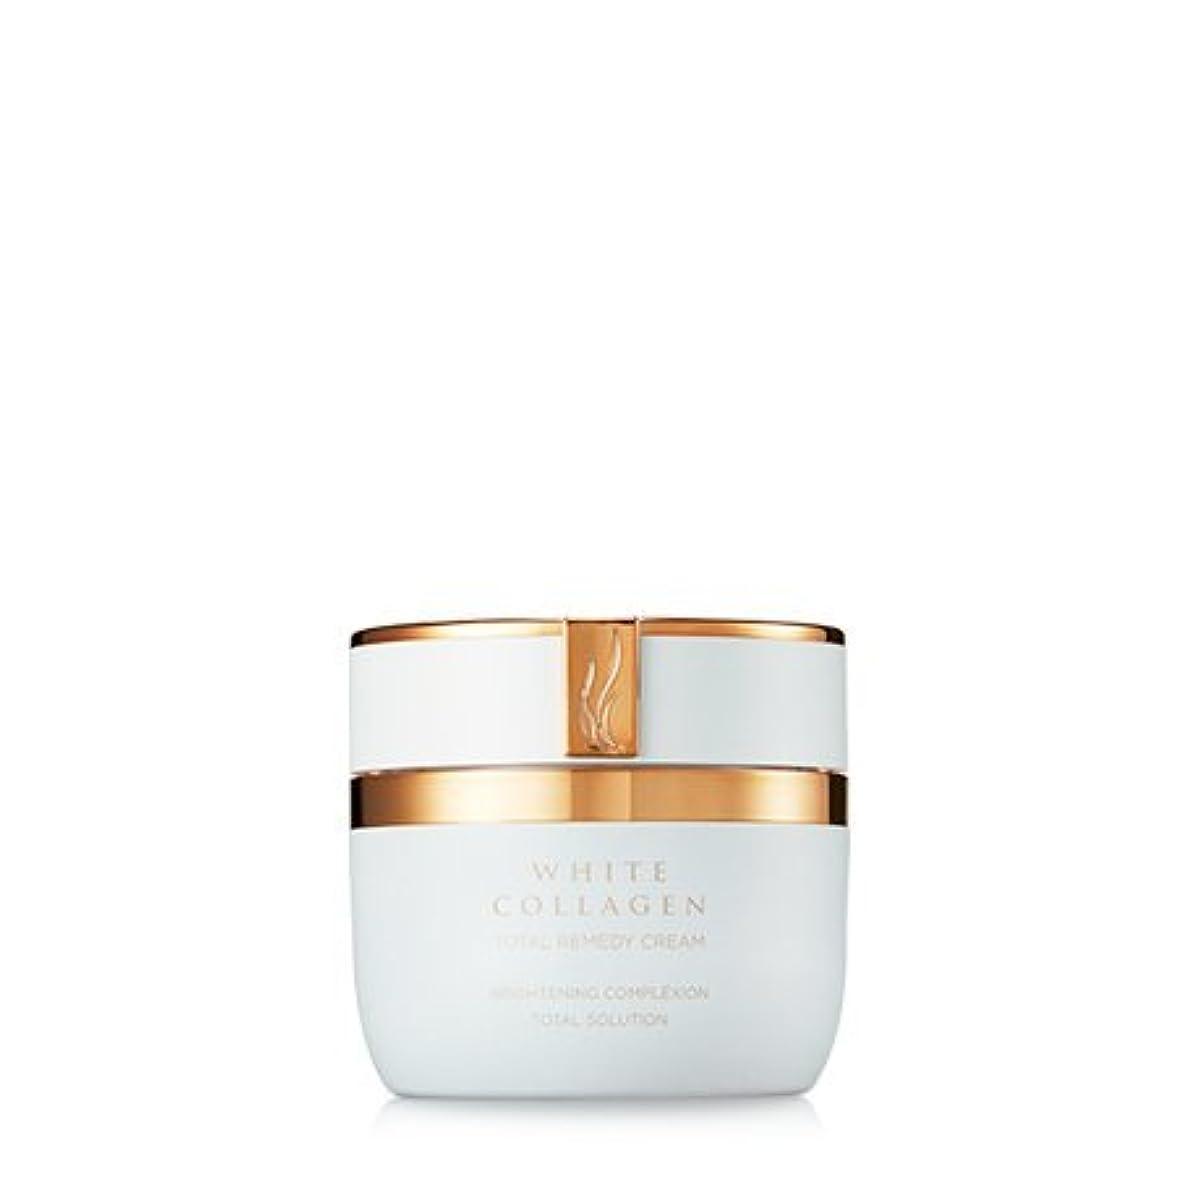 検出マインドフル独占[New] A.H.C (AHC) White Collagen Total Remedy Cream 50g/A.H.C ホワイト コラーゲン トータル レミディ クリーム 50g [並行輸入品]